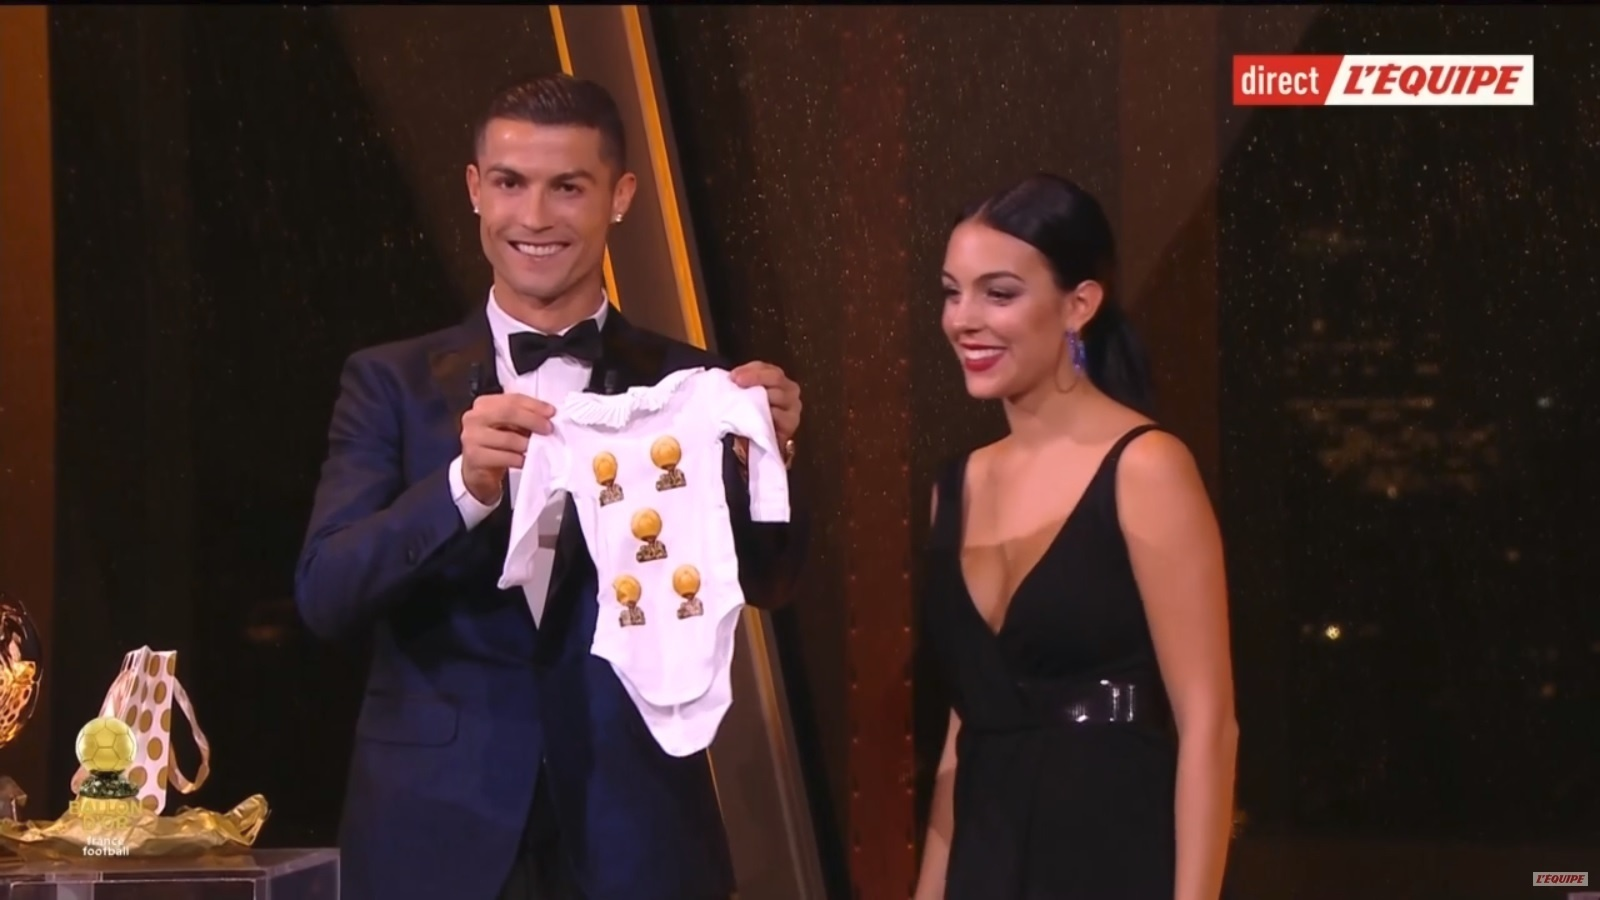 Cristiano Ronaldo e Georgina Rodríguez recebem presente durante a cerimônia da Bola de Ouro